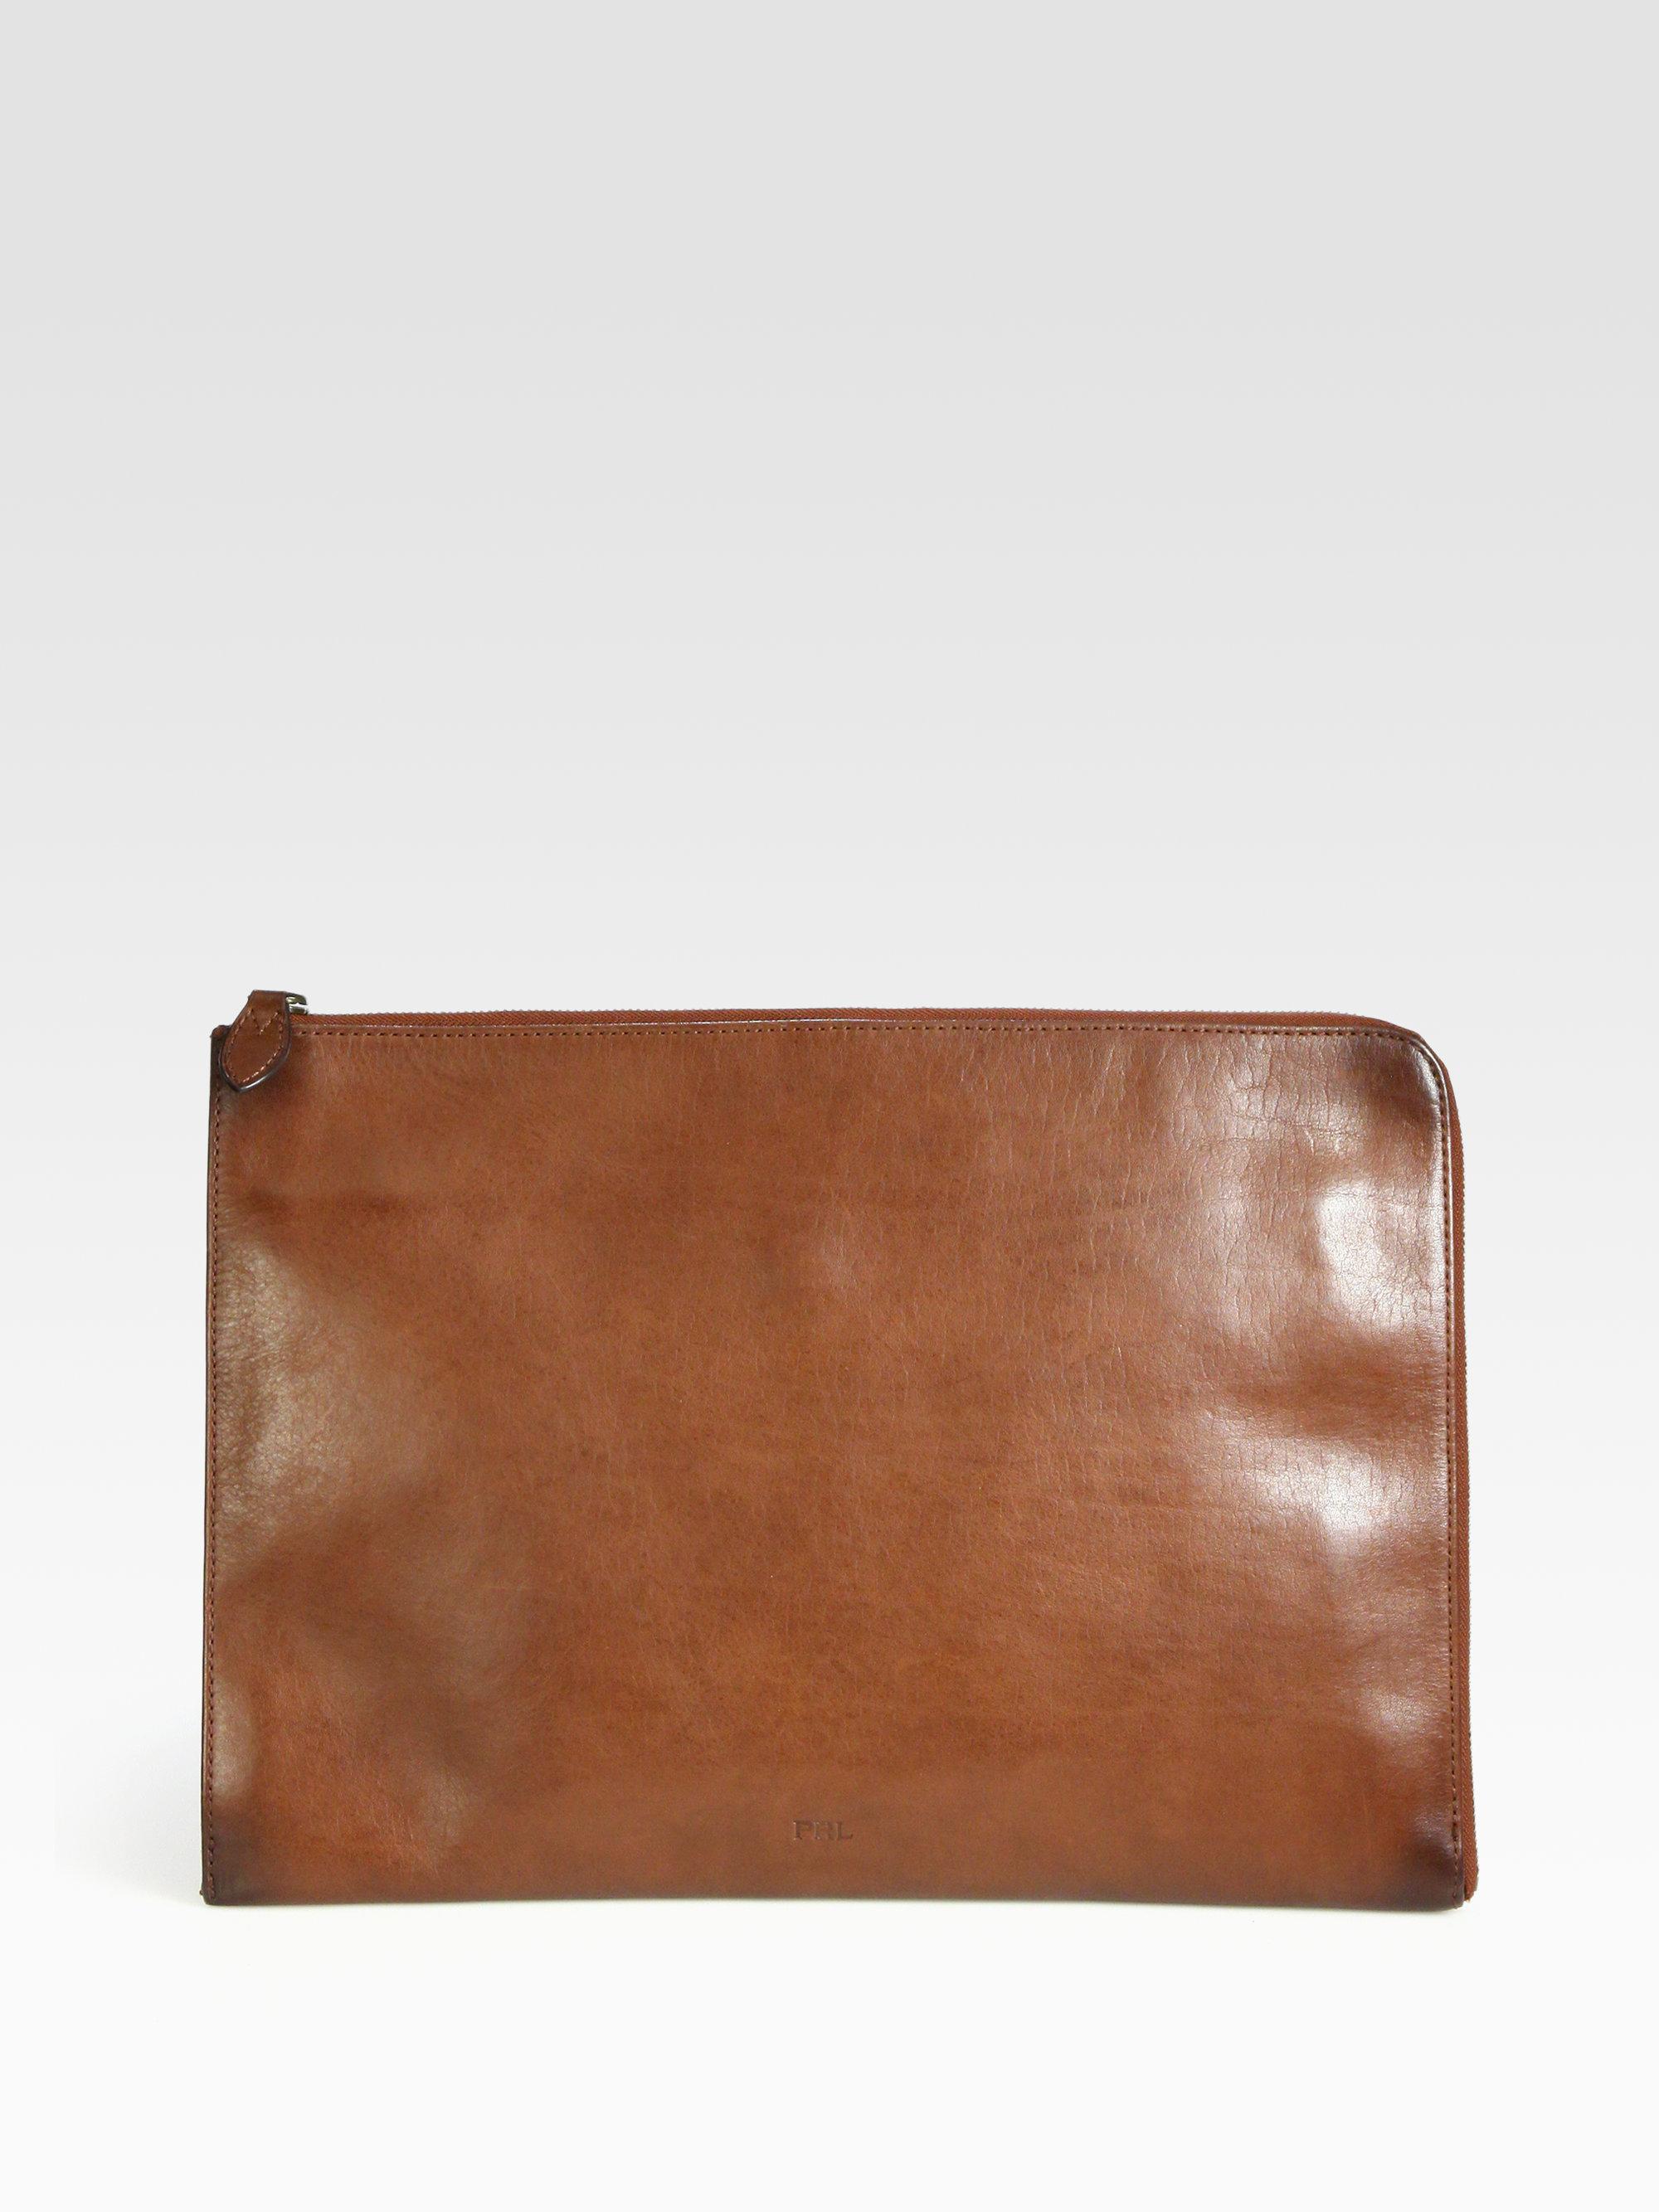 29509e12e4fb Lyst - Polo Ralph Lauren Leather Portfolio in Brown for Men